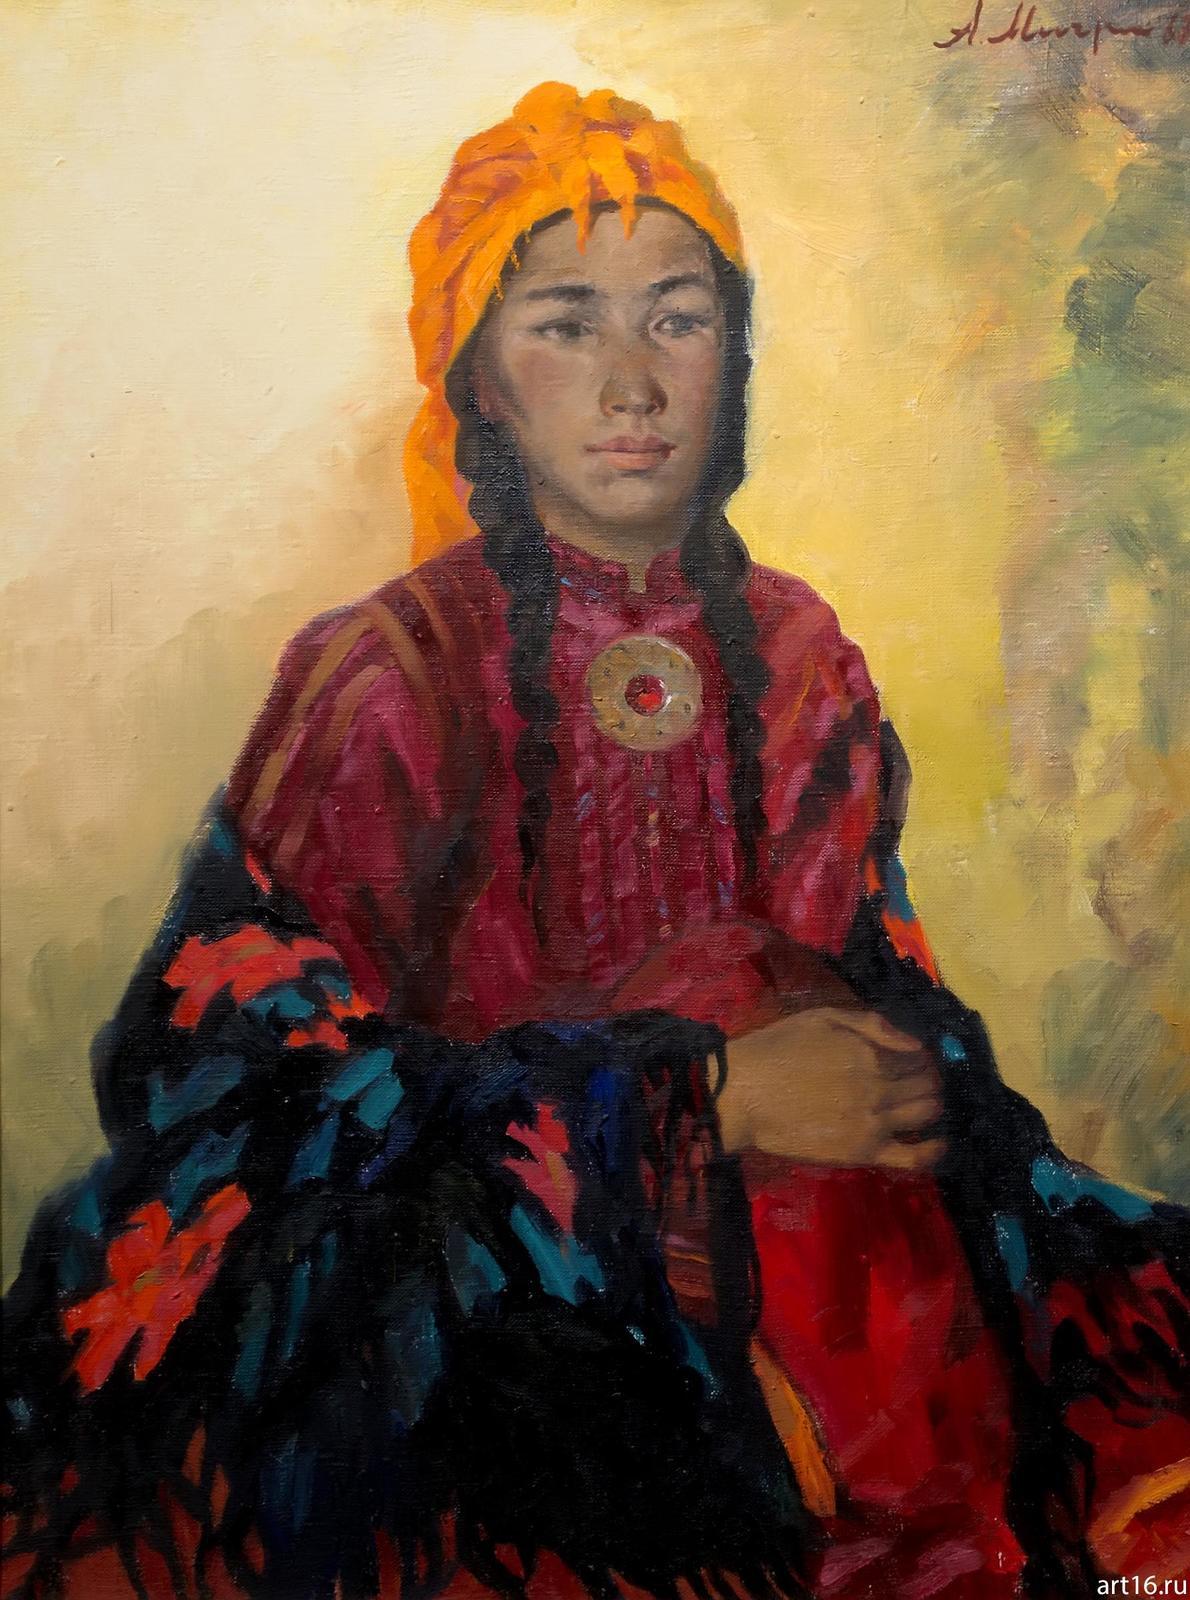 Фото №892982. Халиджа. 1963. Мичри А.И. 1934